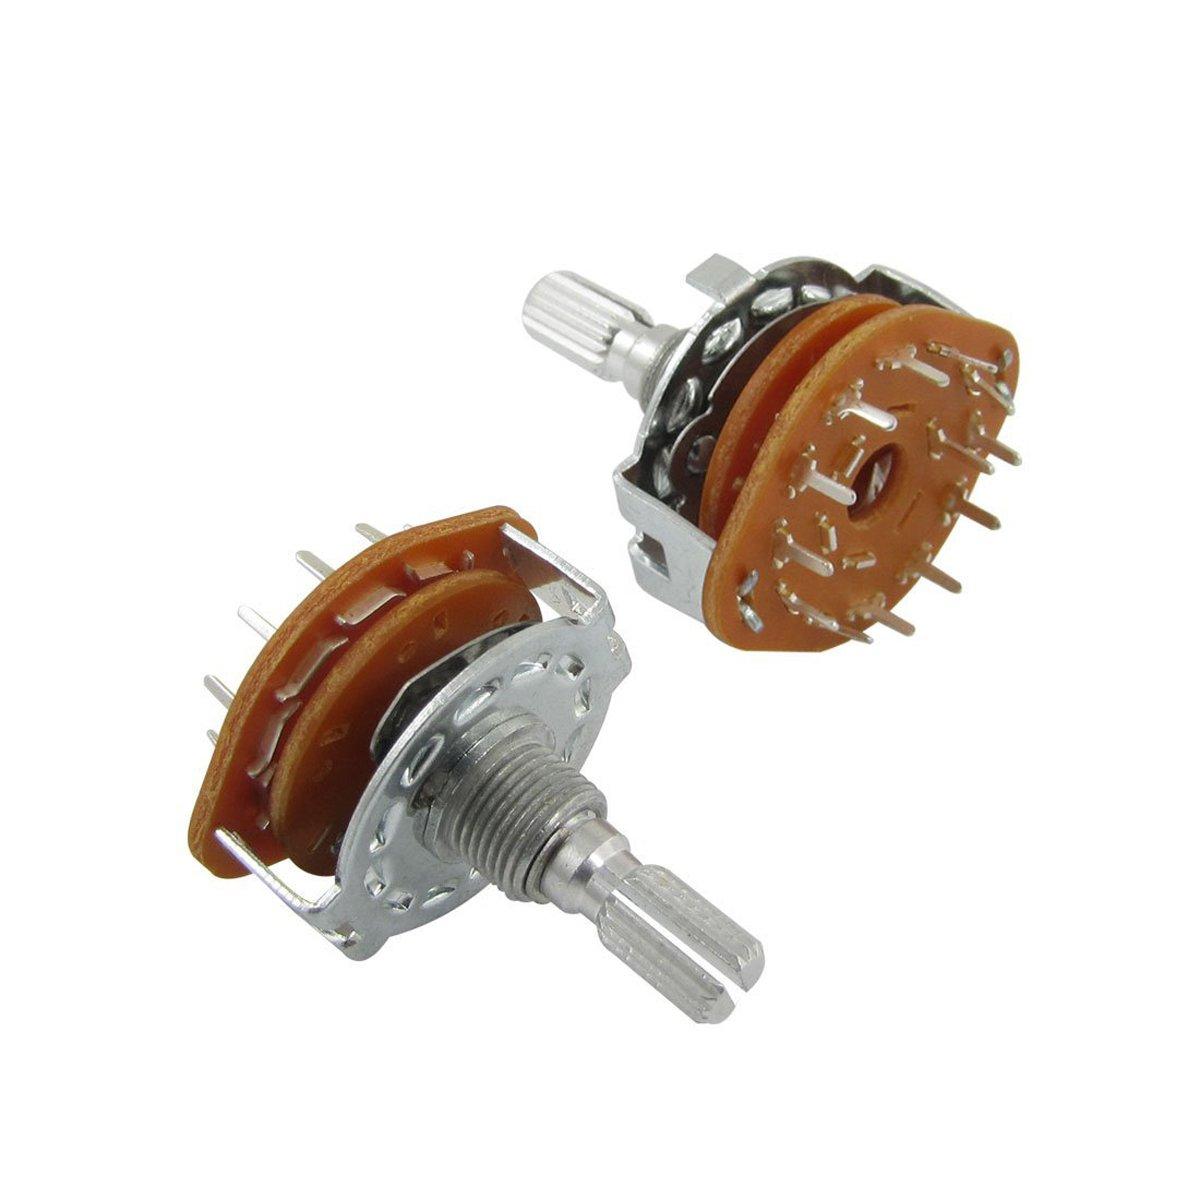 分割シャフトAC 125 V 0.3 A 250 V 0.6 A 1ポール12位置ロータリースイッチ(バッグの2 )   B01EWZV4E4